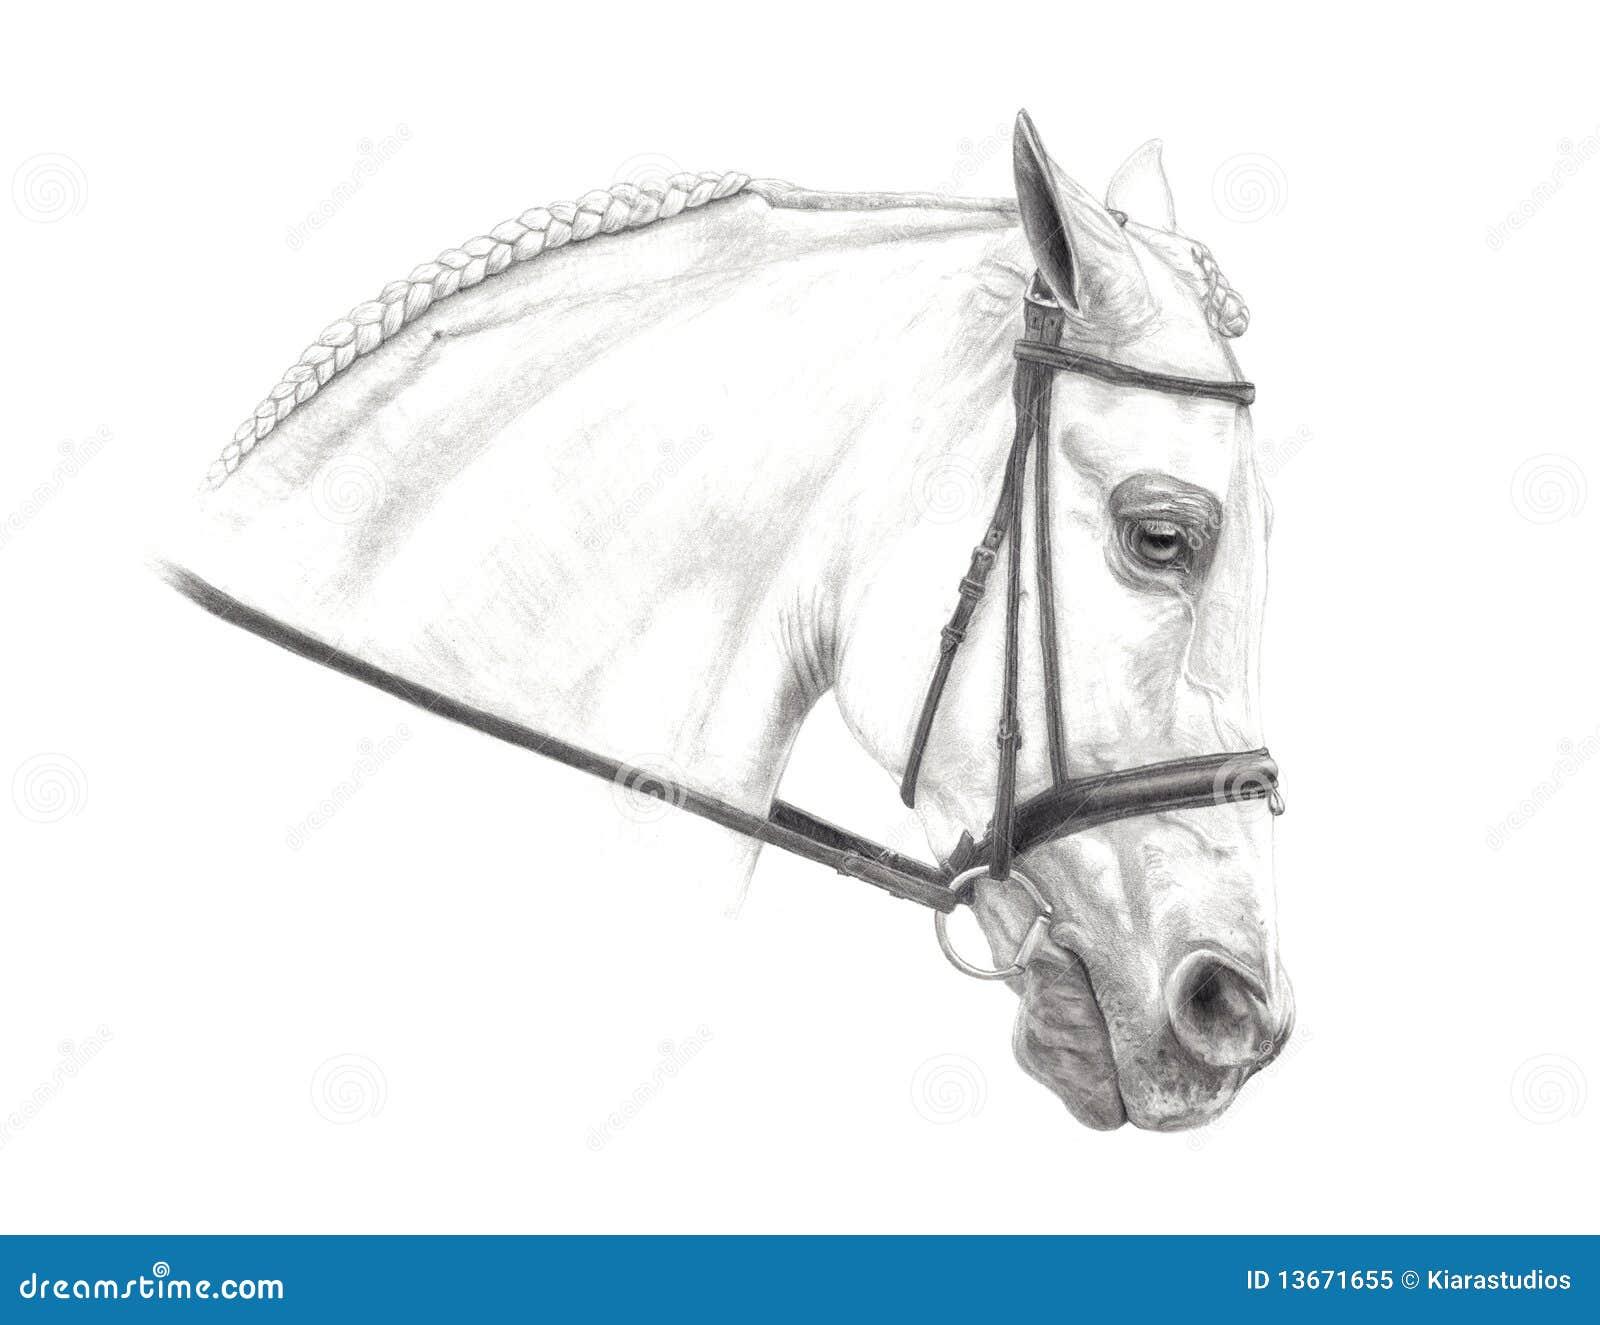 Half Arabian Pencil Drawing